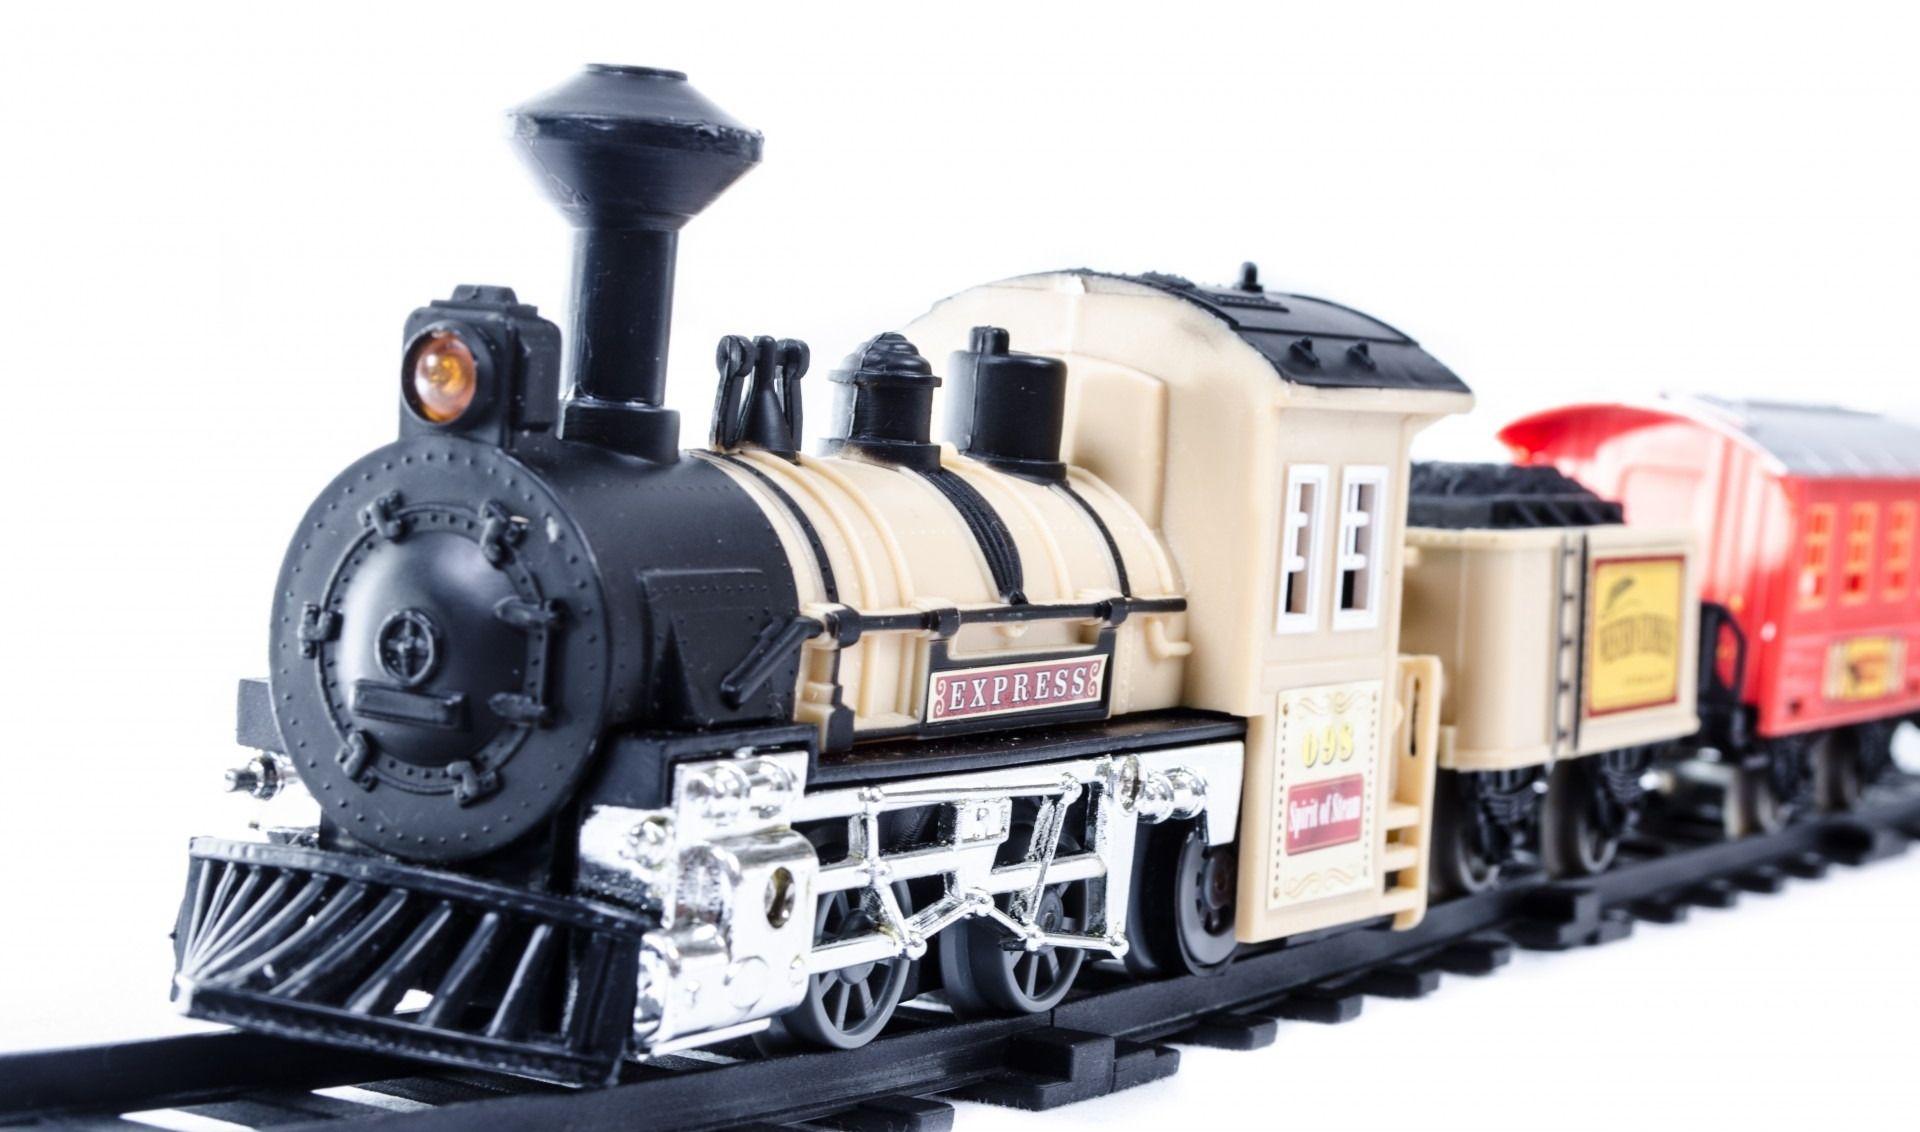 KUPLJENI NOVCEM OD MITA Talijanska policija zaplijenila preko 200 igrački vlakova